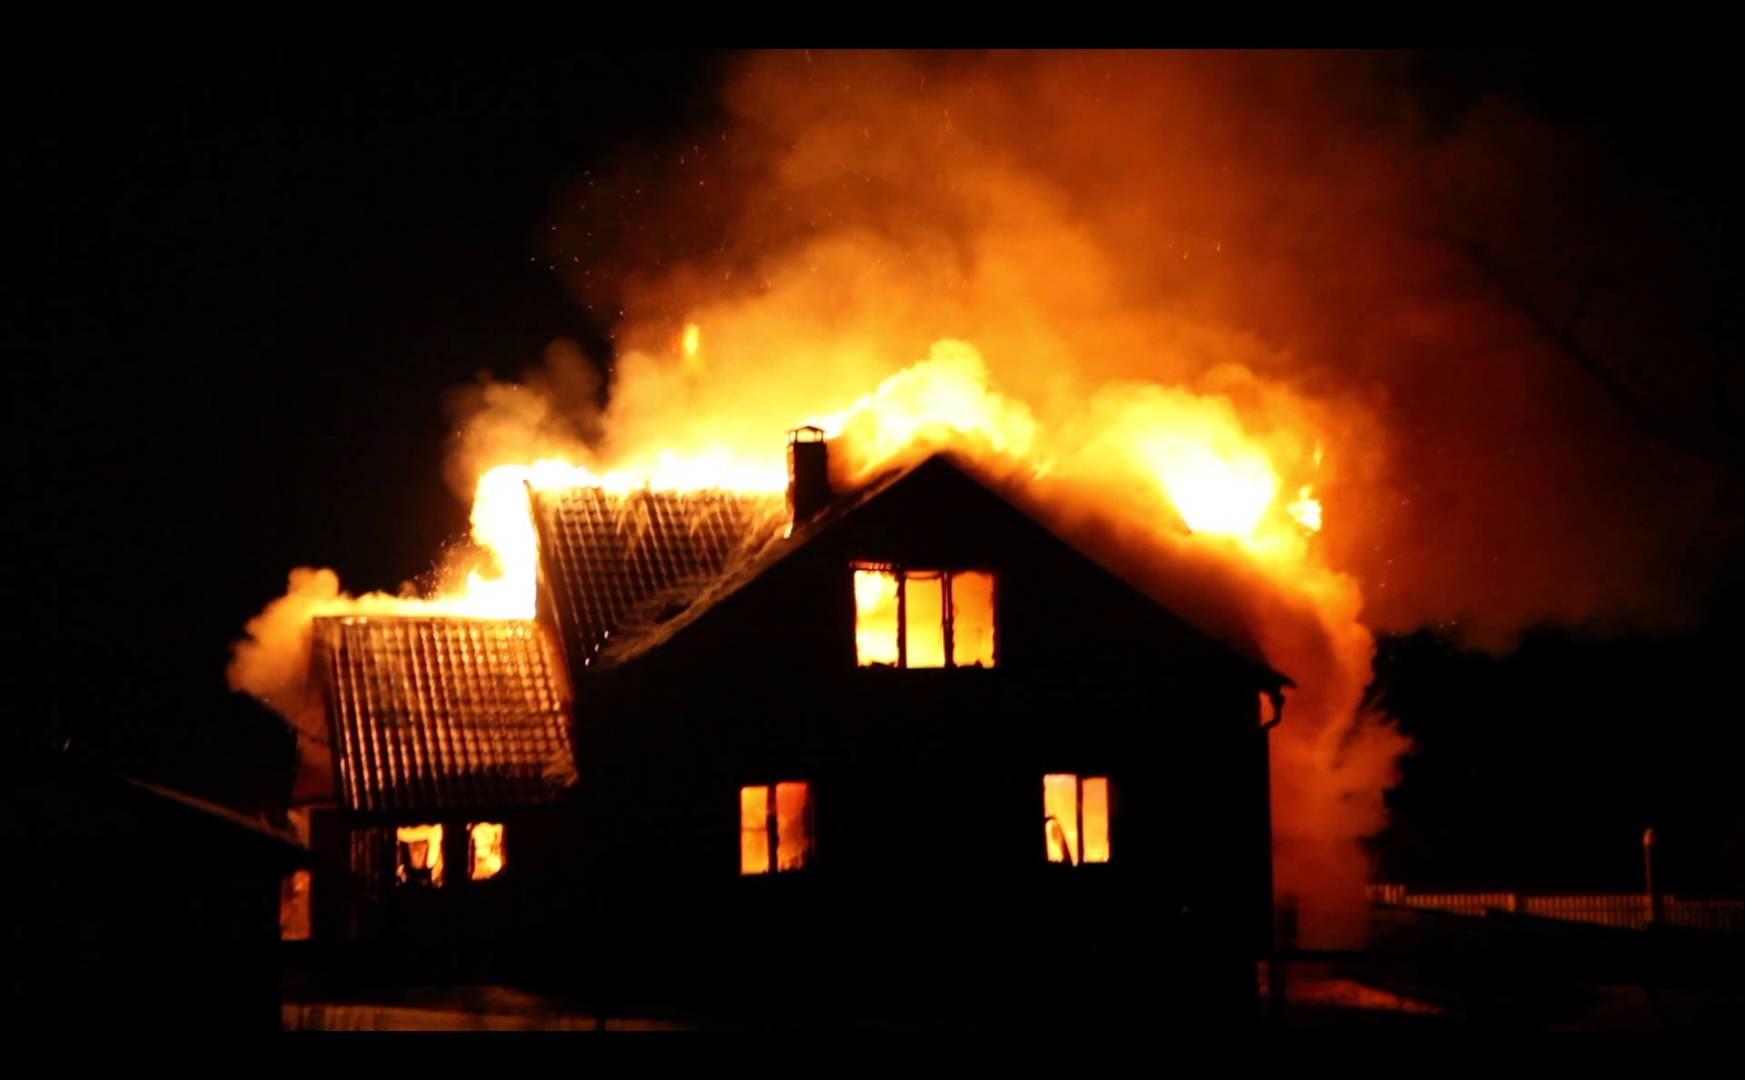 Сгоревший дом картинка